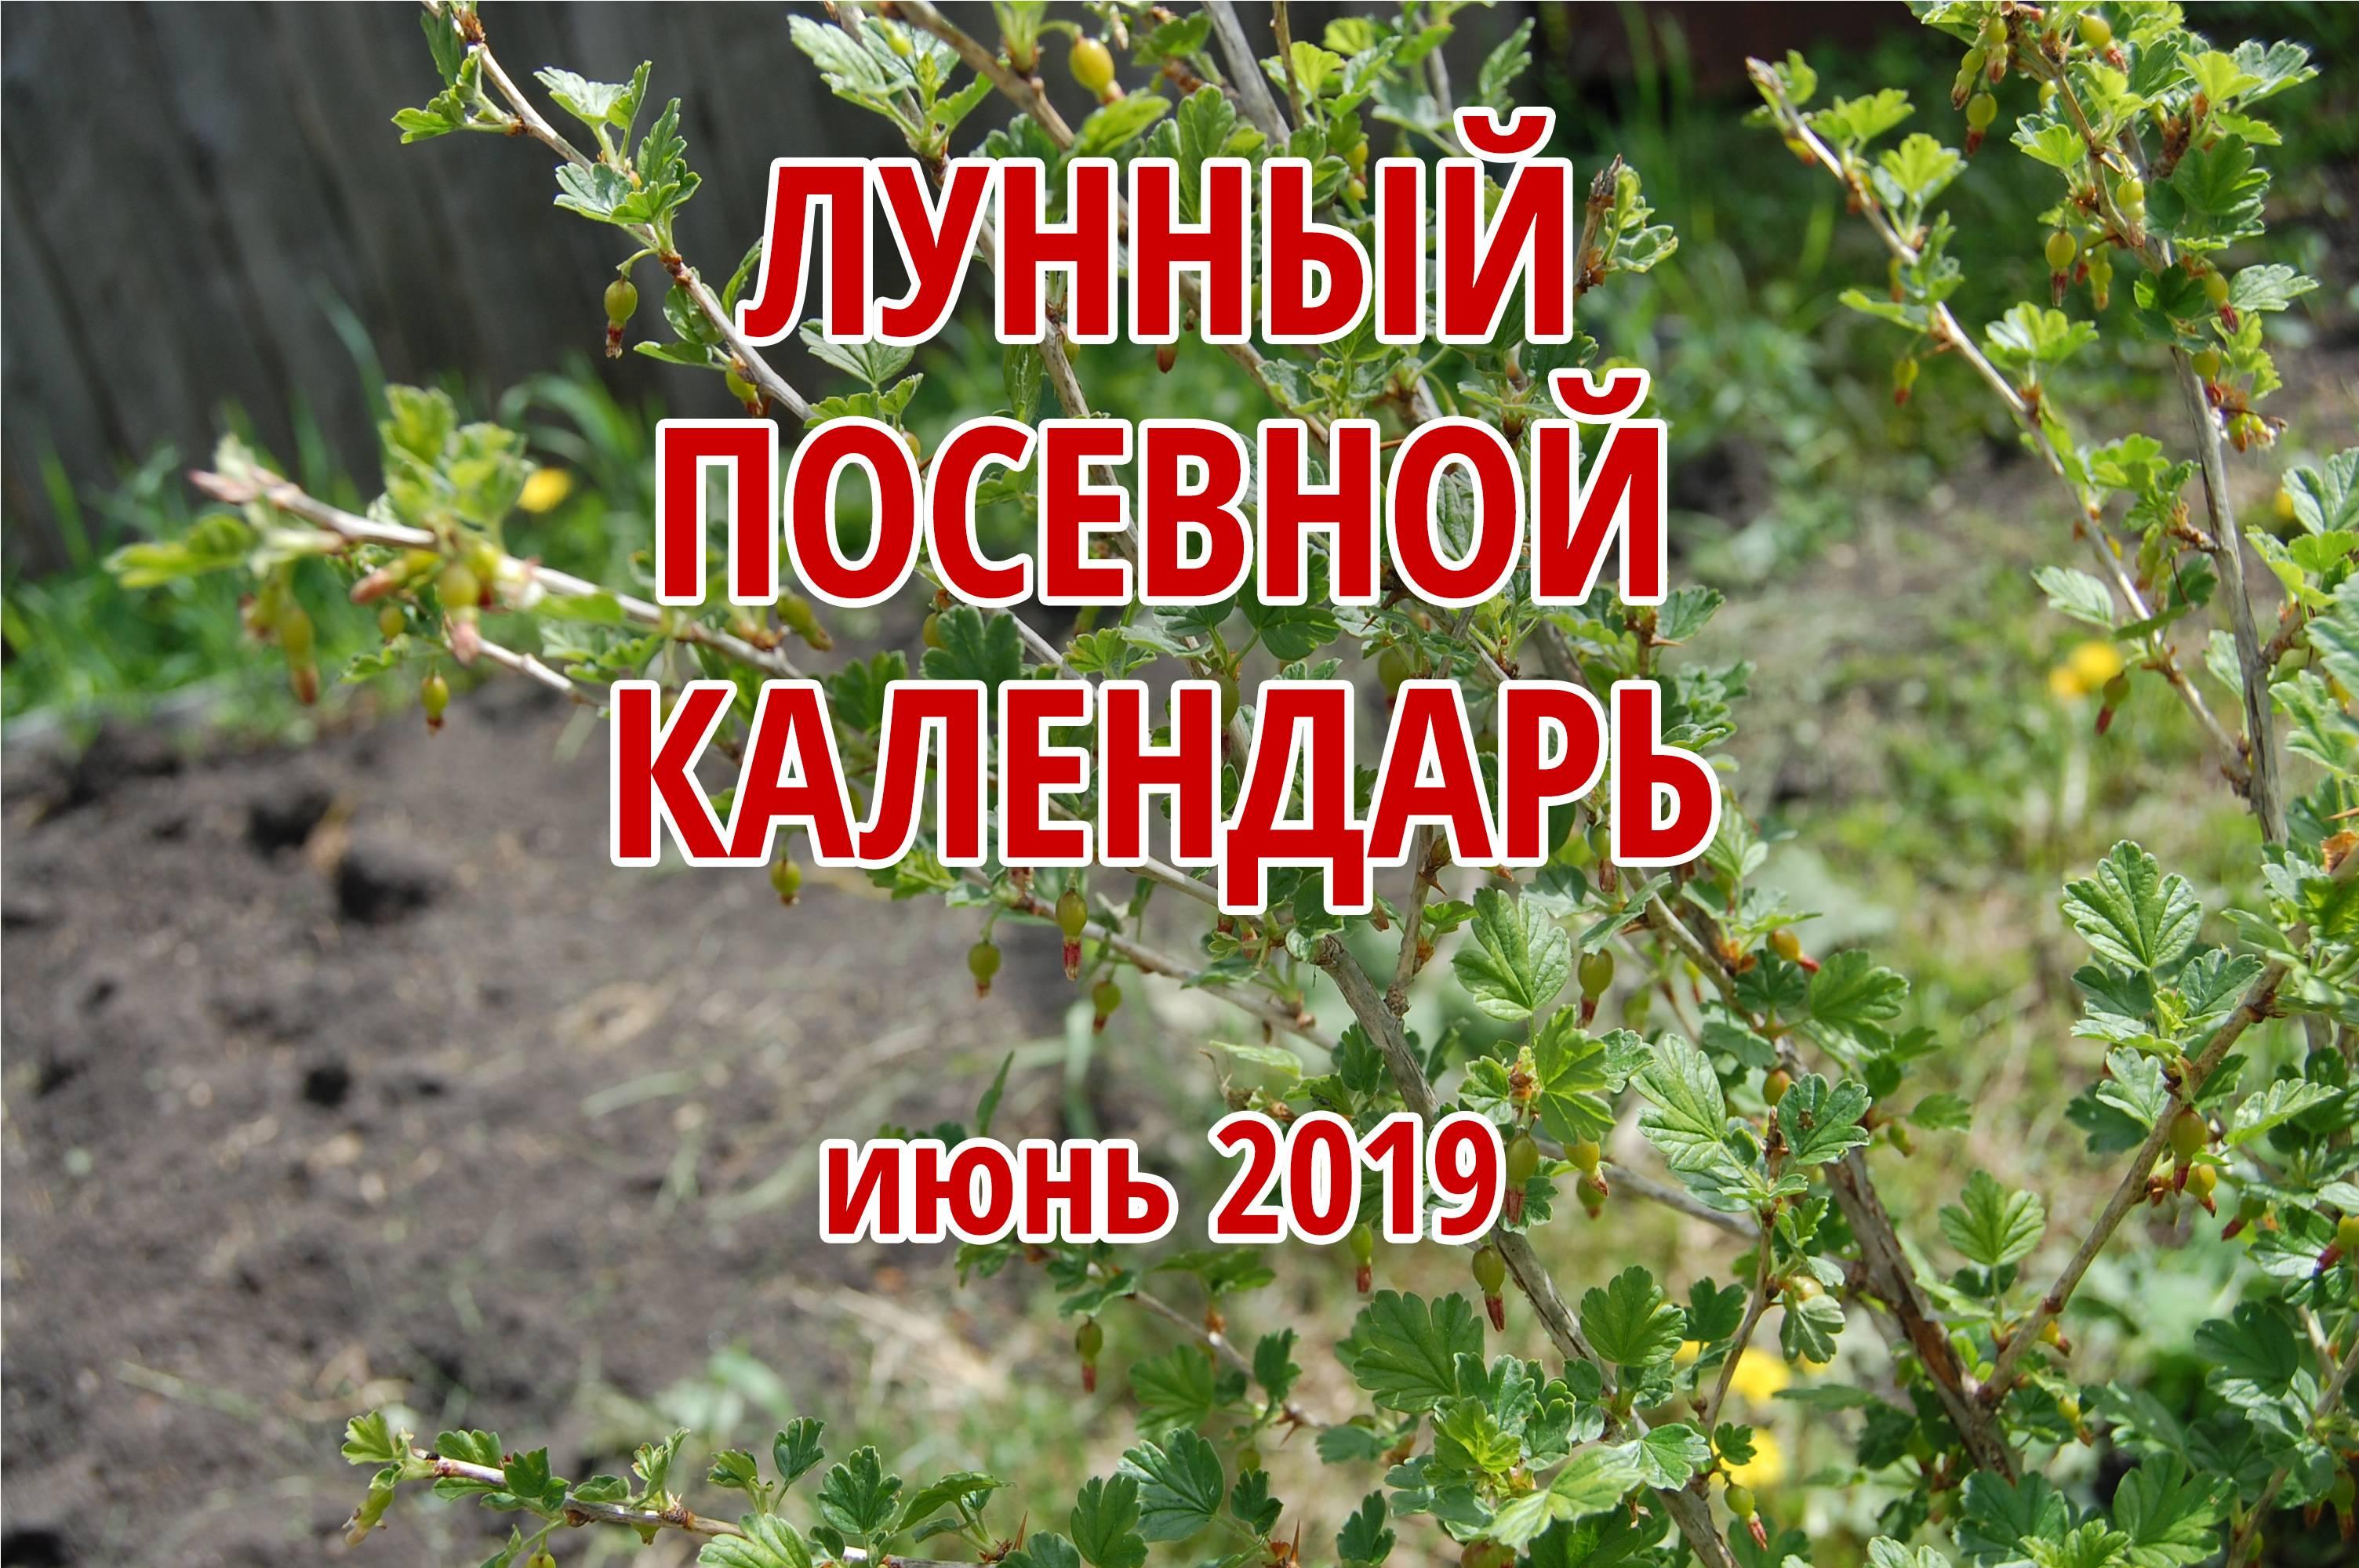 Посадка капусты в апреле 2019 на рассаду. высадка в открытый грунт по лунному календарю, благоприятные дни